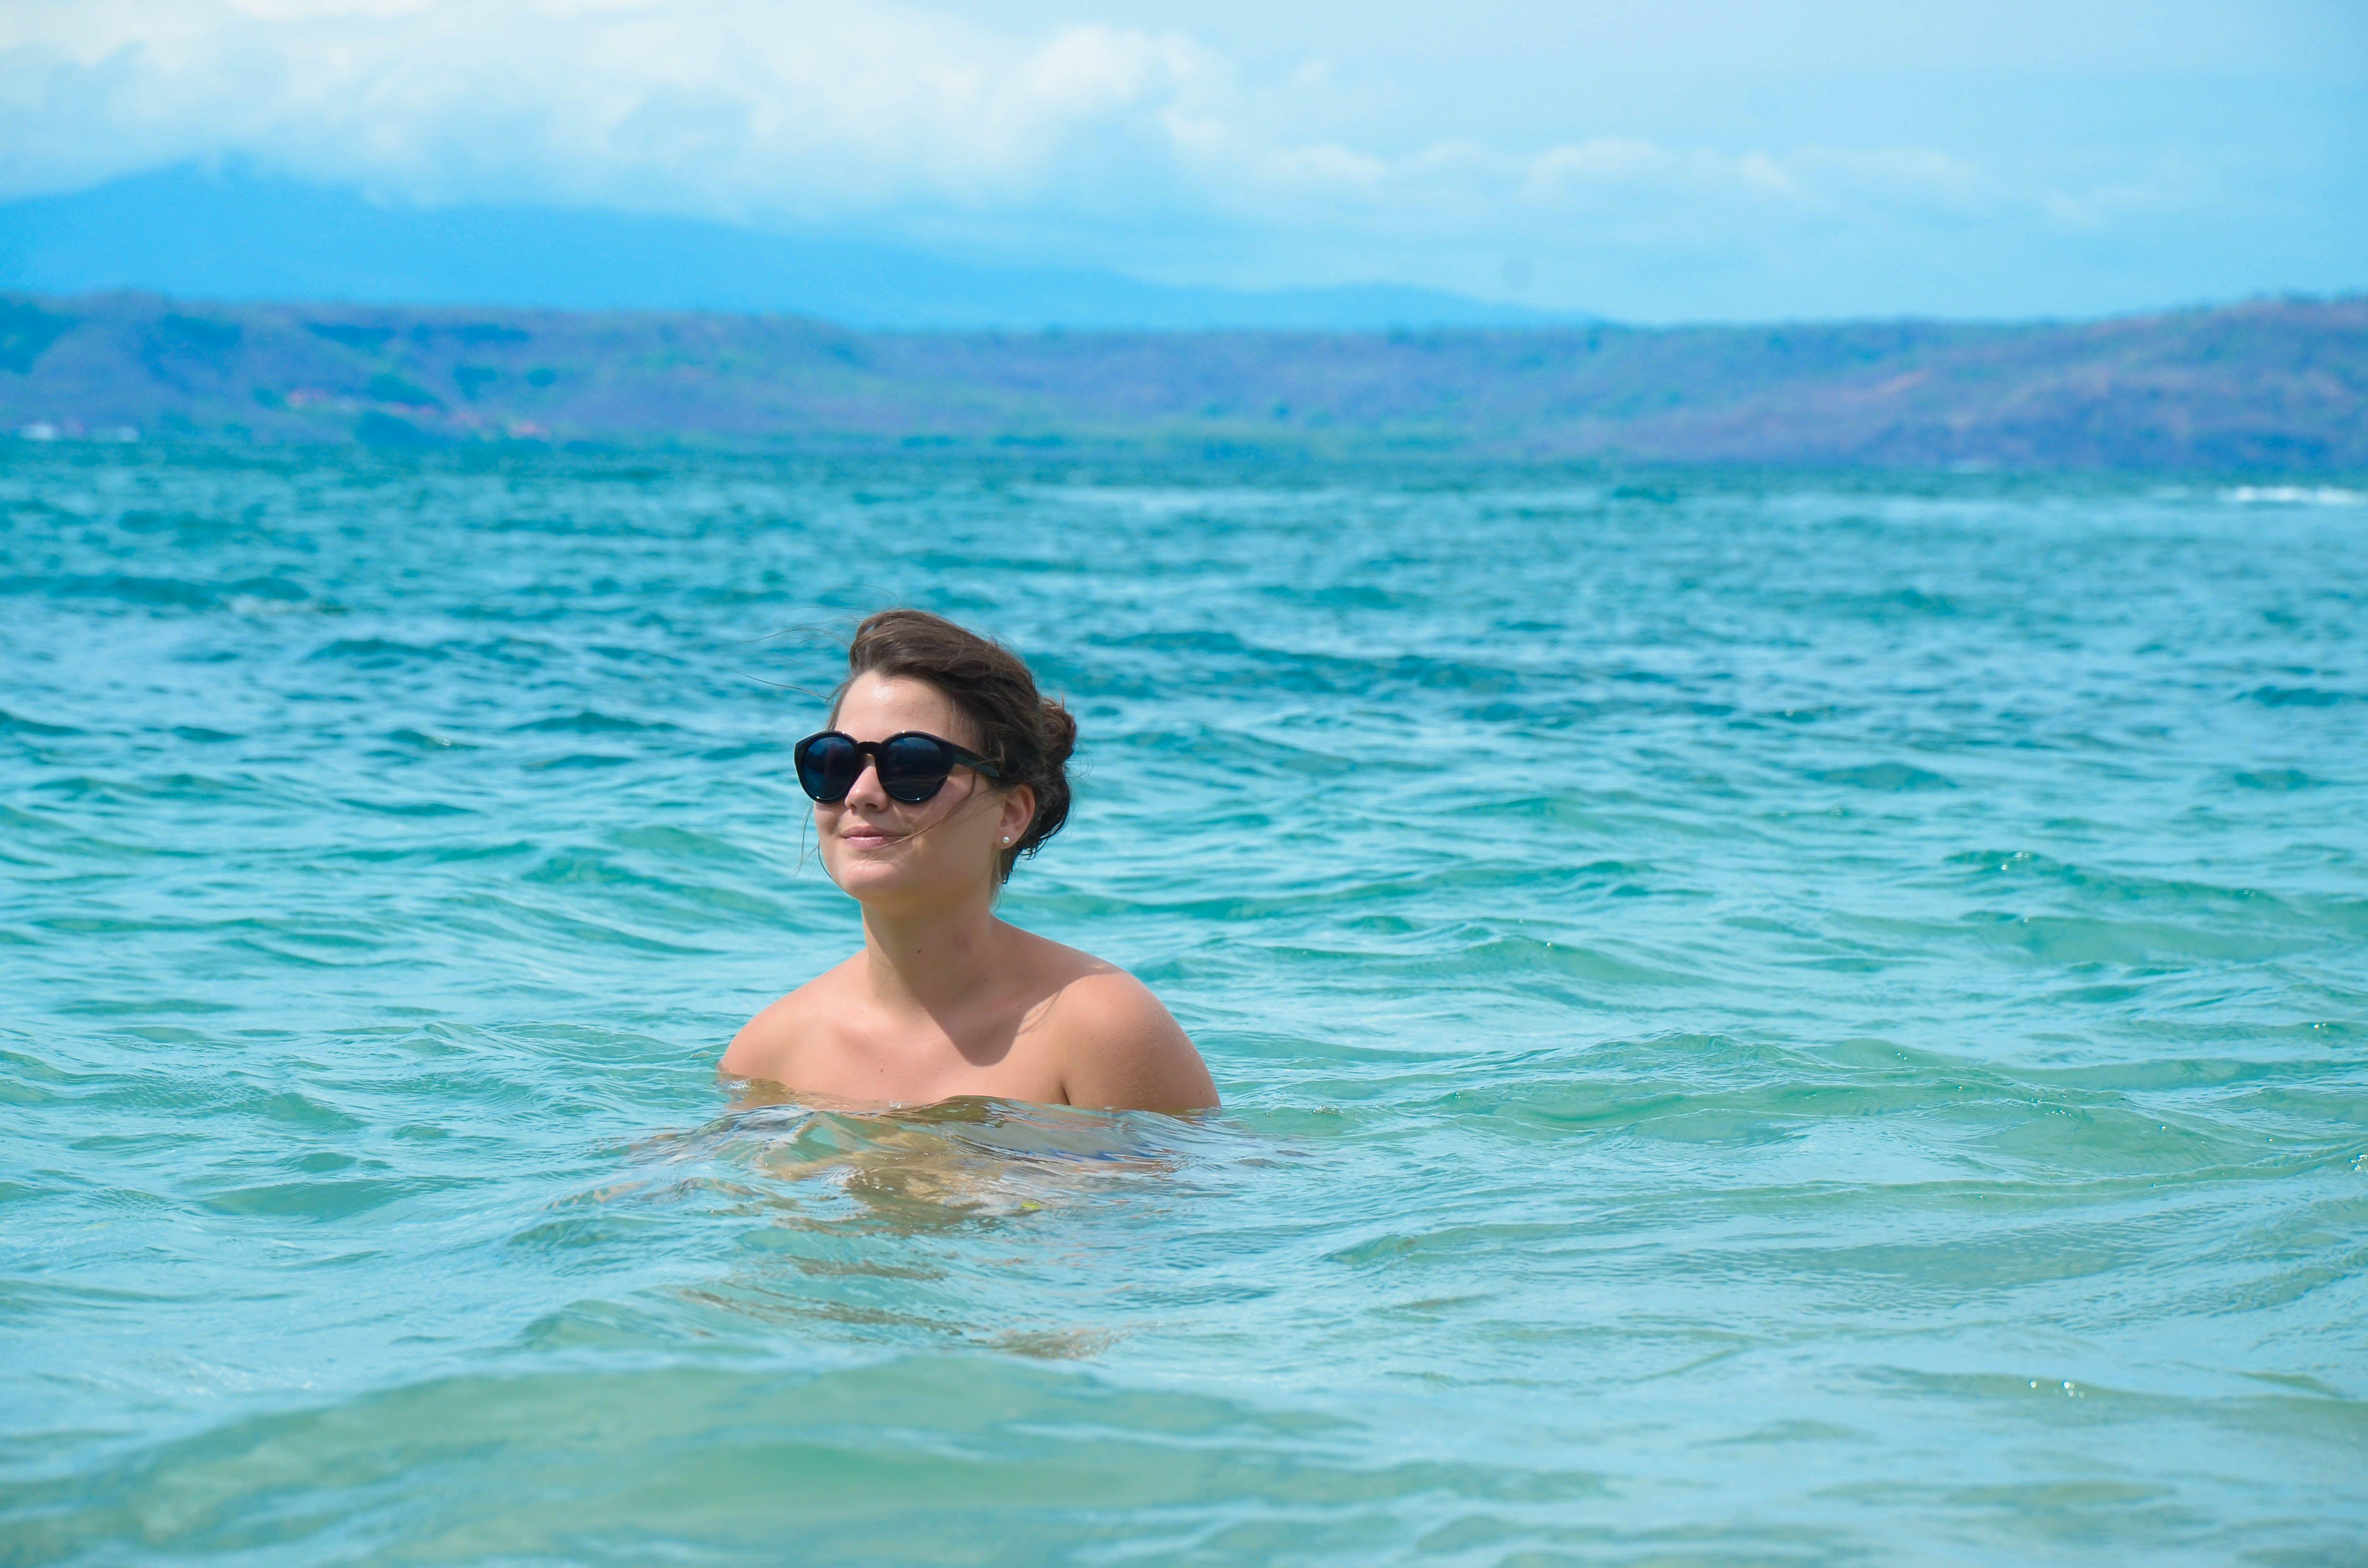 Disfrutando el mar de Hermosa, Guanacaste, Costa Rica.